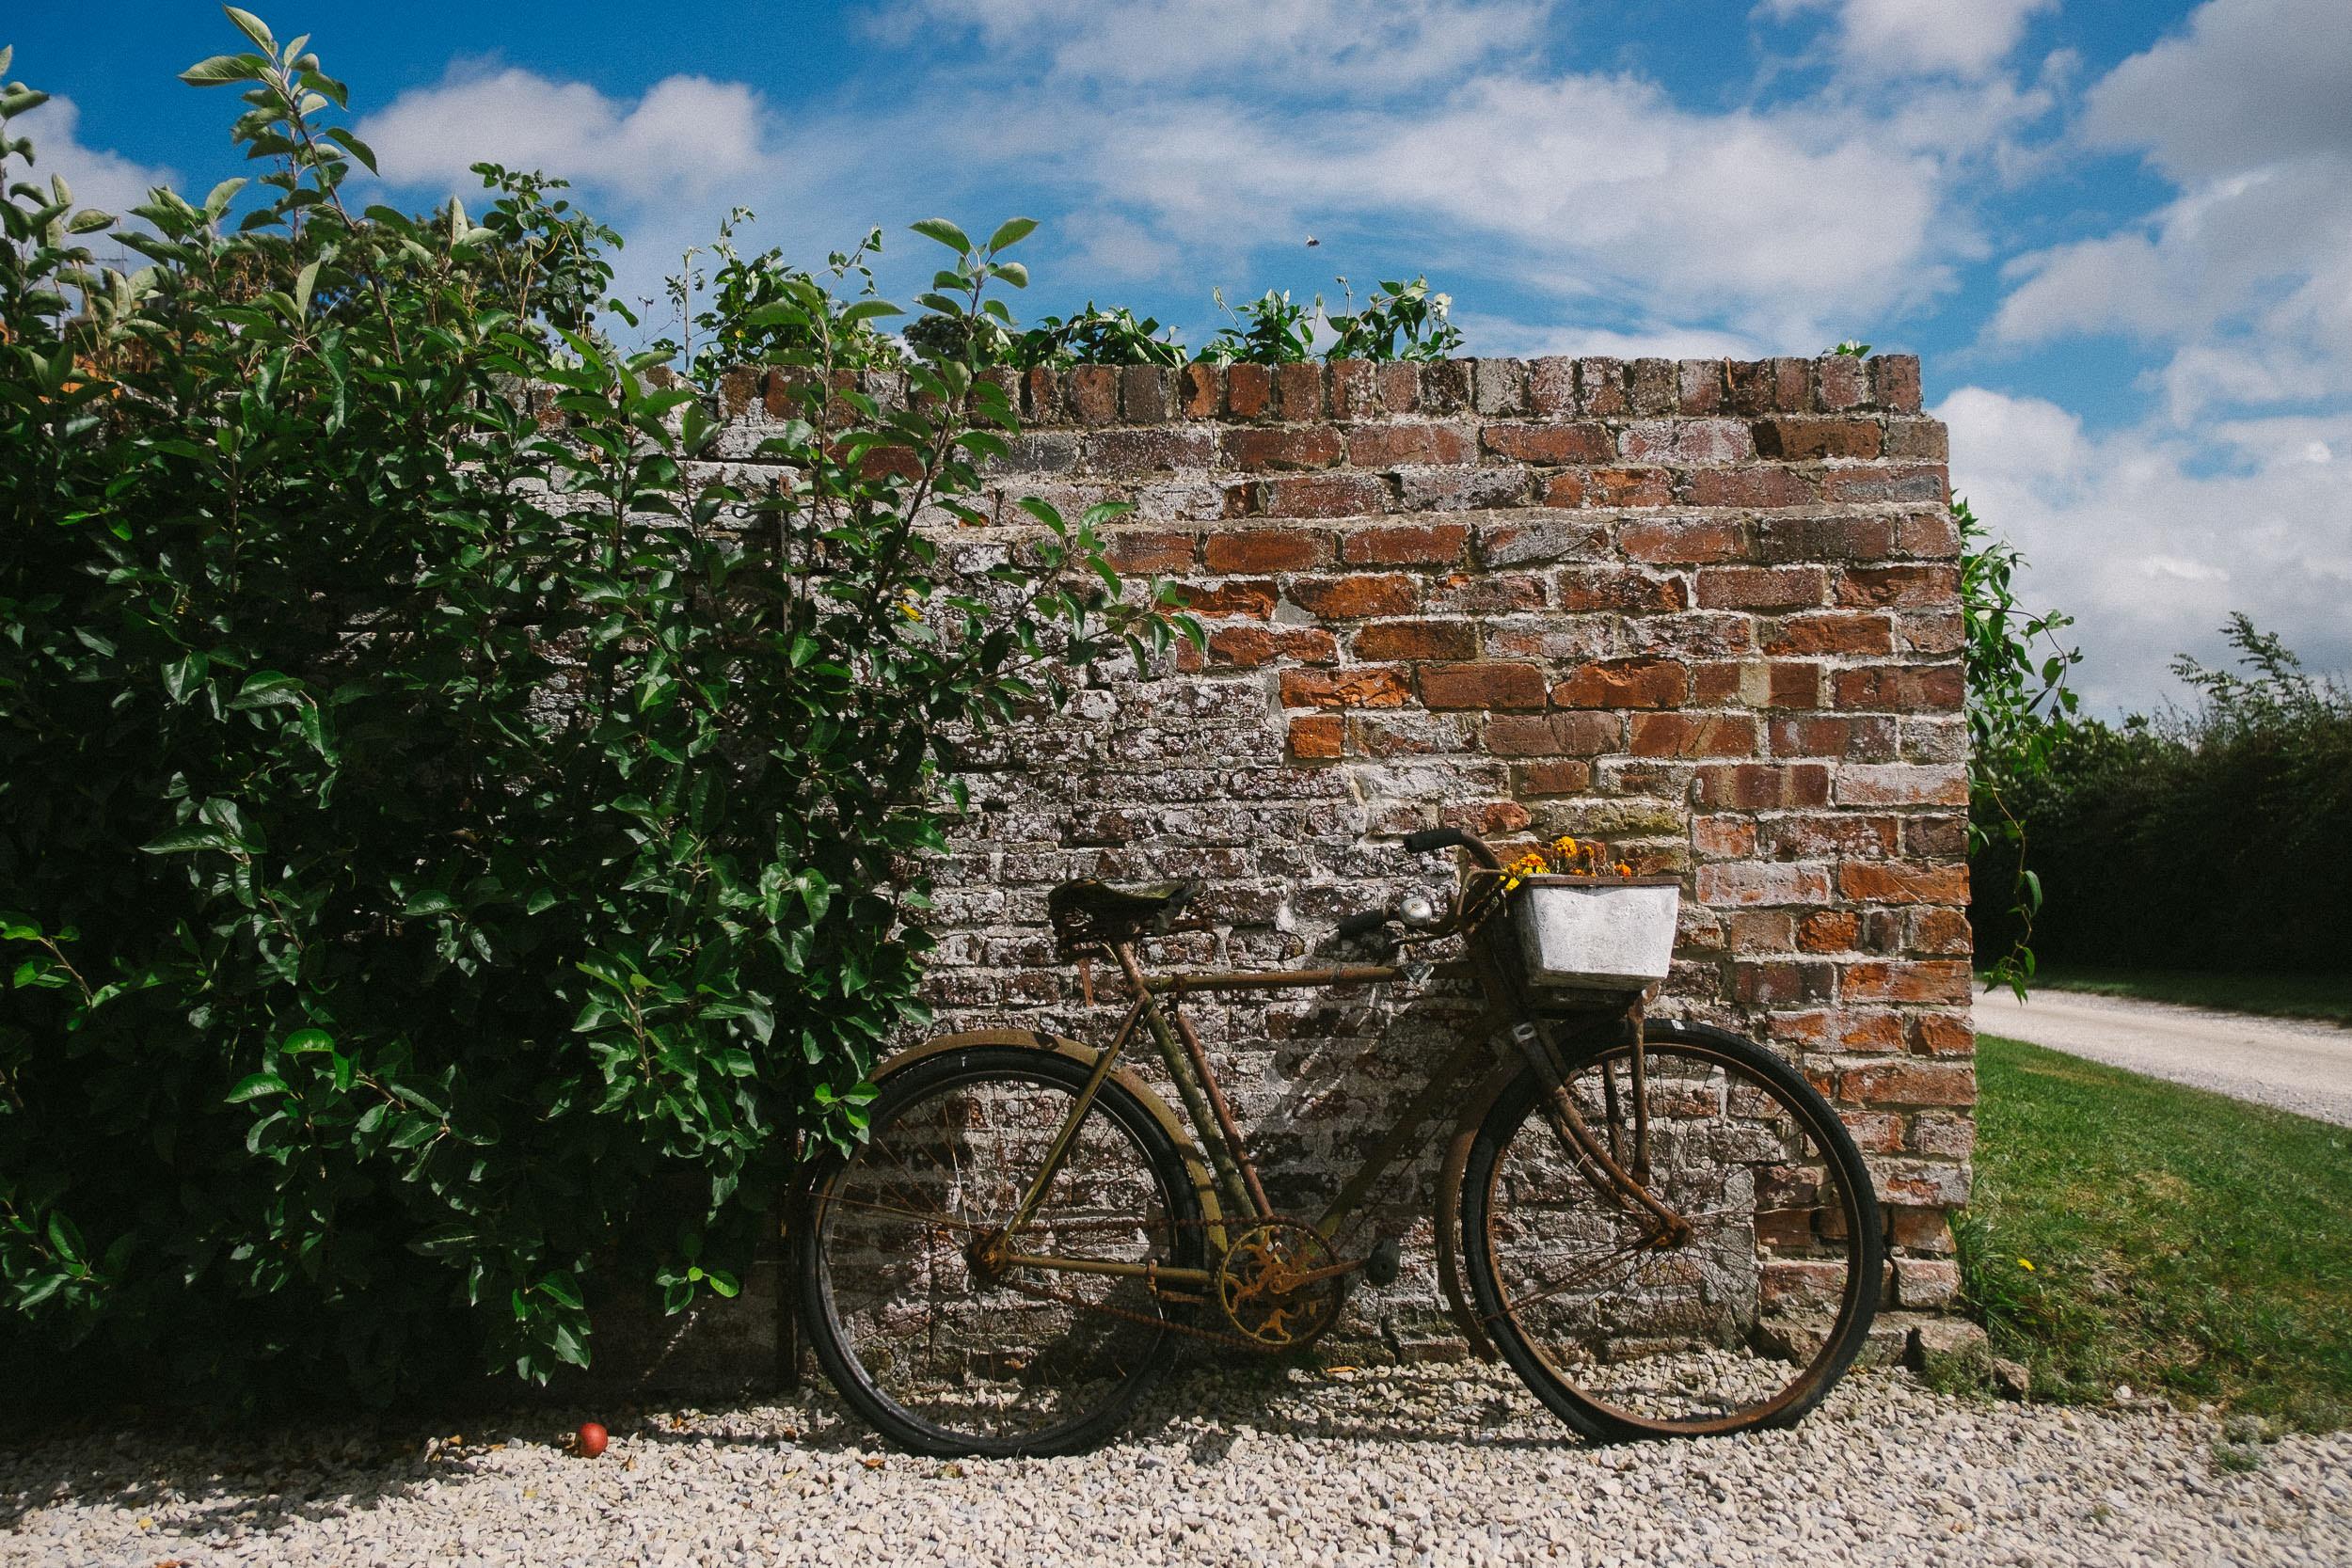 Dale Farm Yorkshire wedding venue by Barry Forshaw-0002.jpg